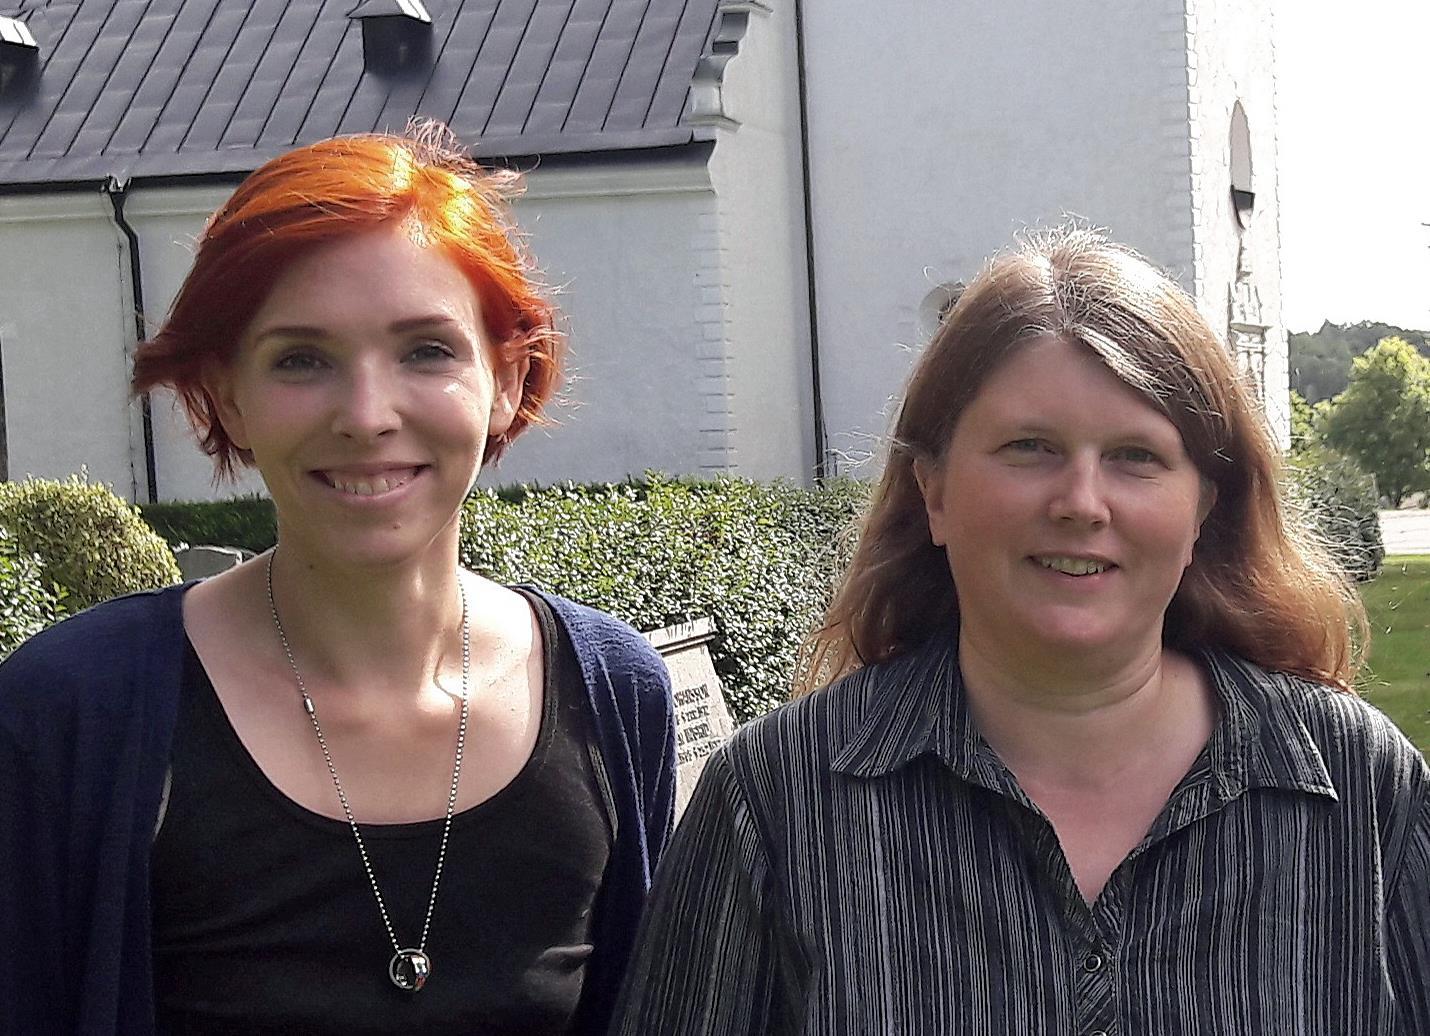 Tvååker kvinna söker man : Match Com Login With Facebook : Töllsjö hitta sex